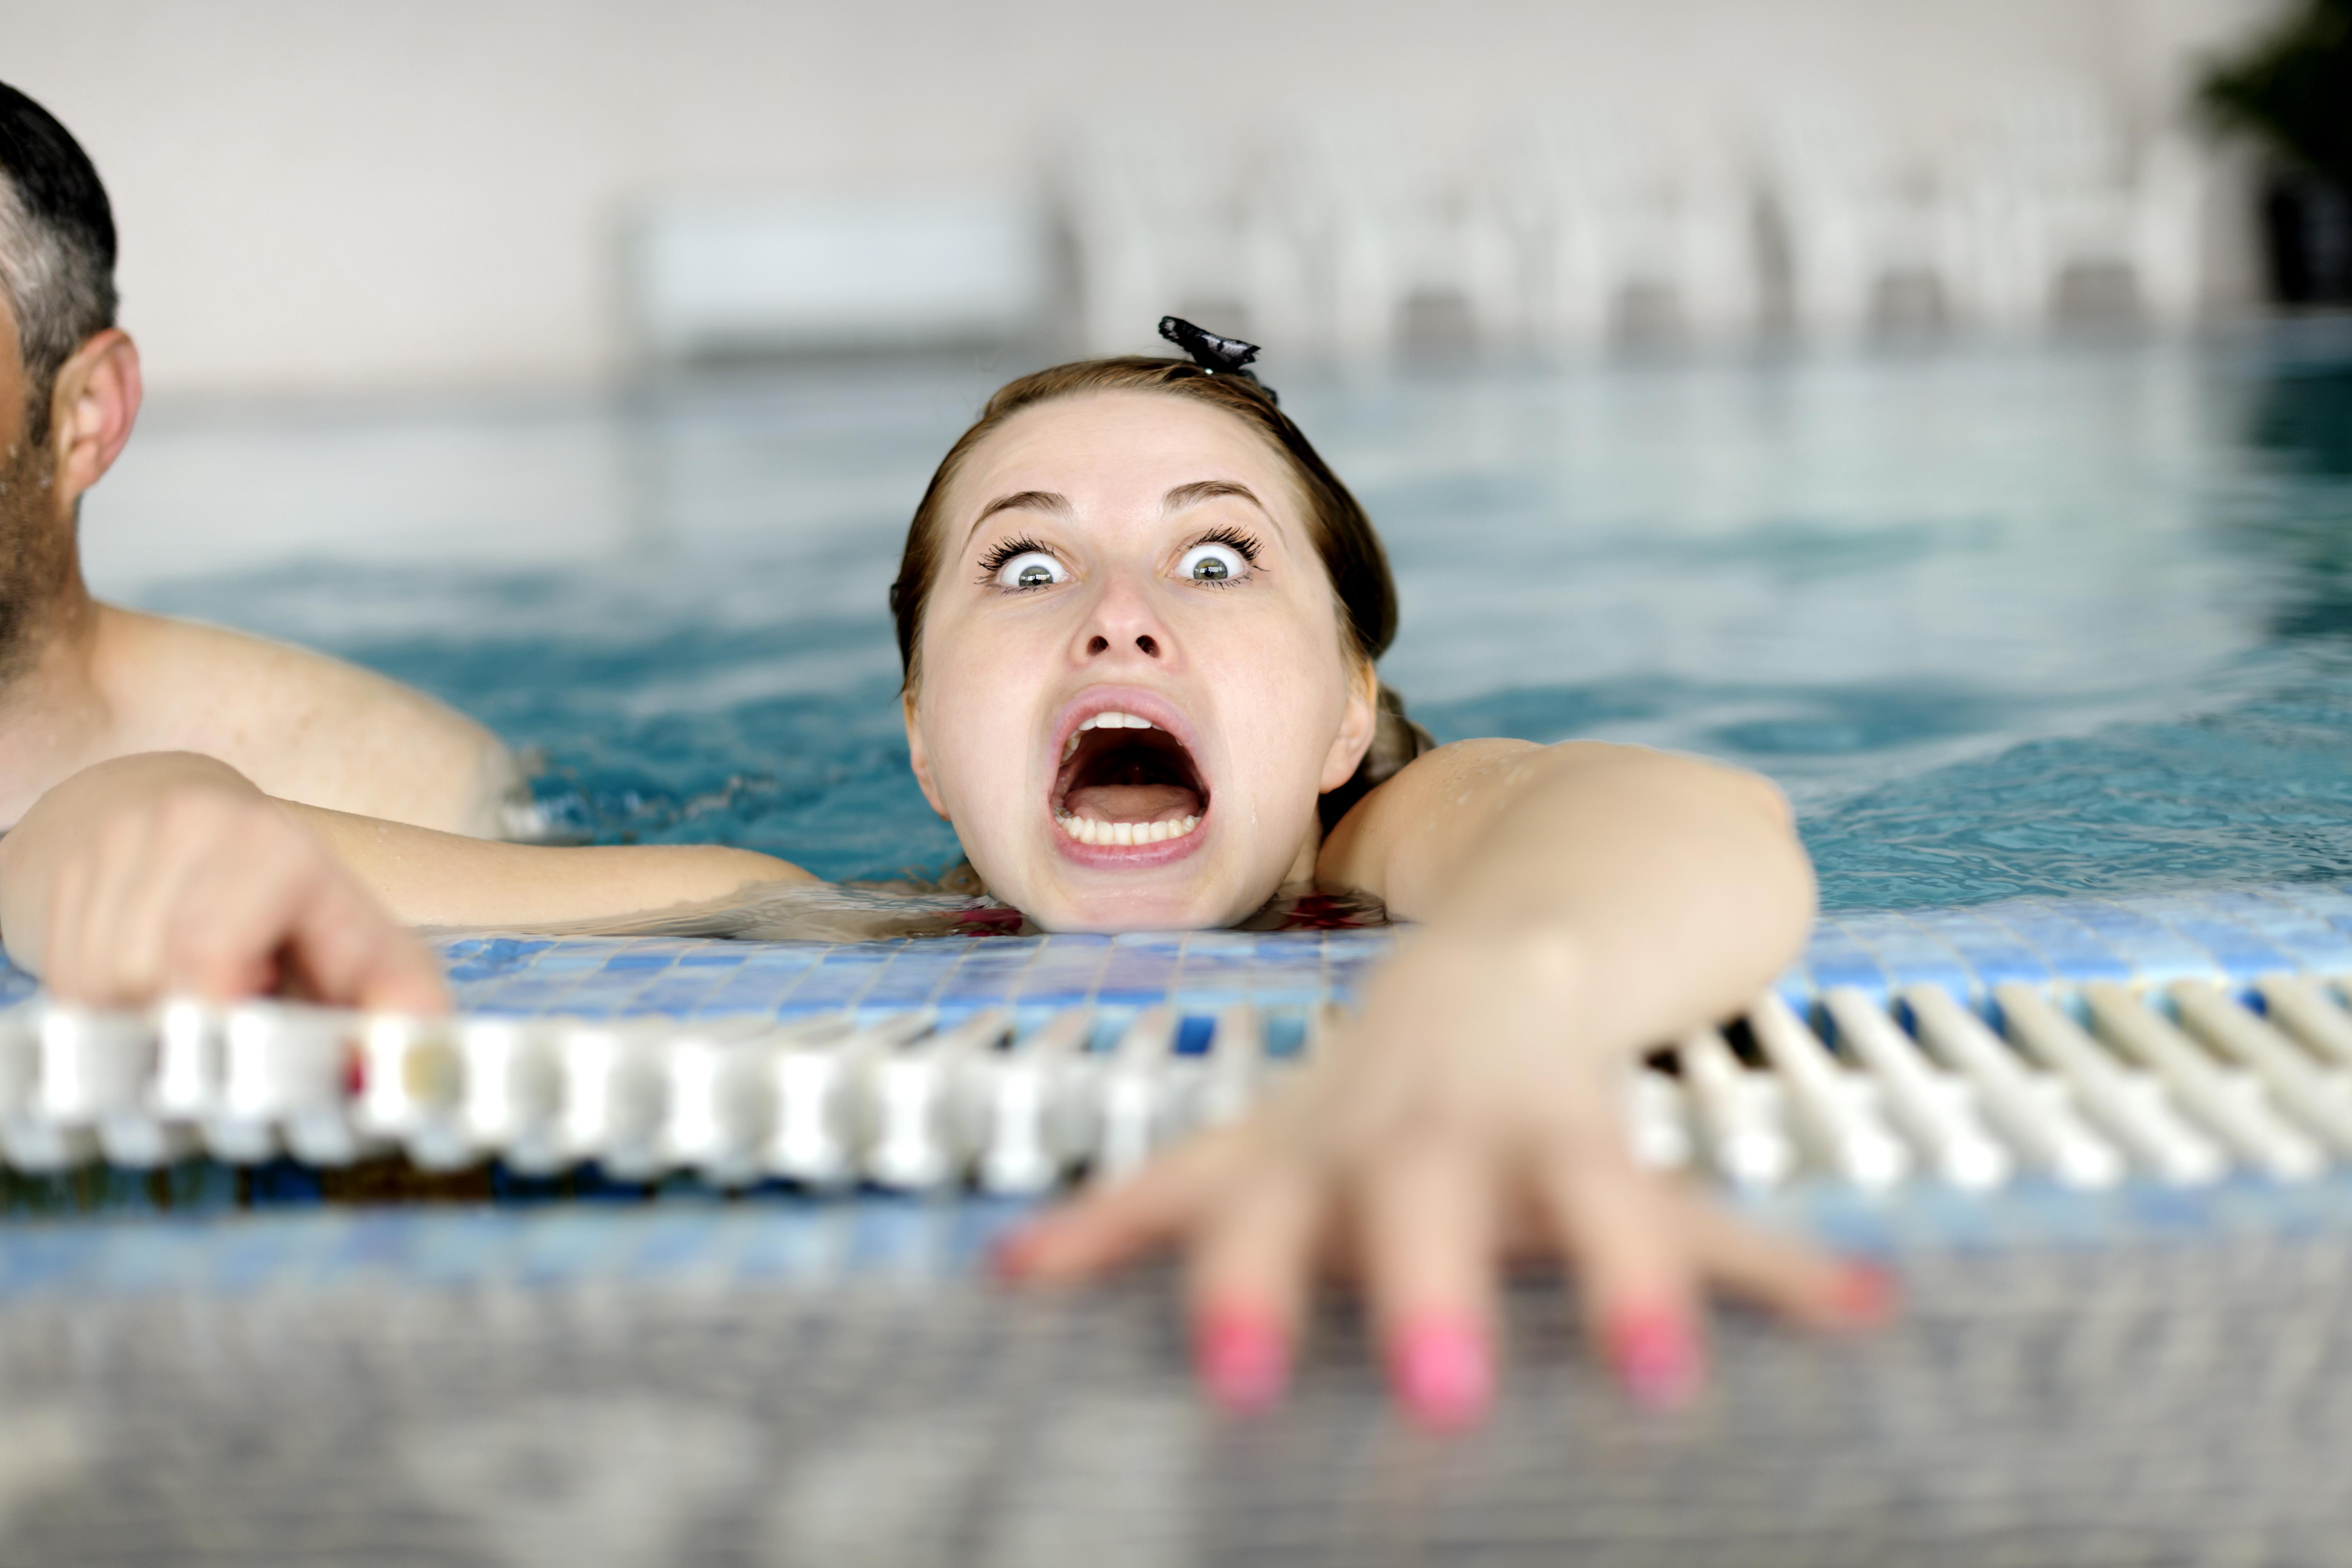 Overcoming a Fear of Water (Aquaphobia)